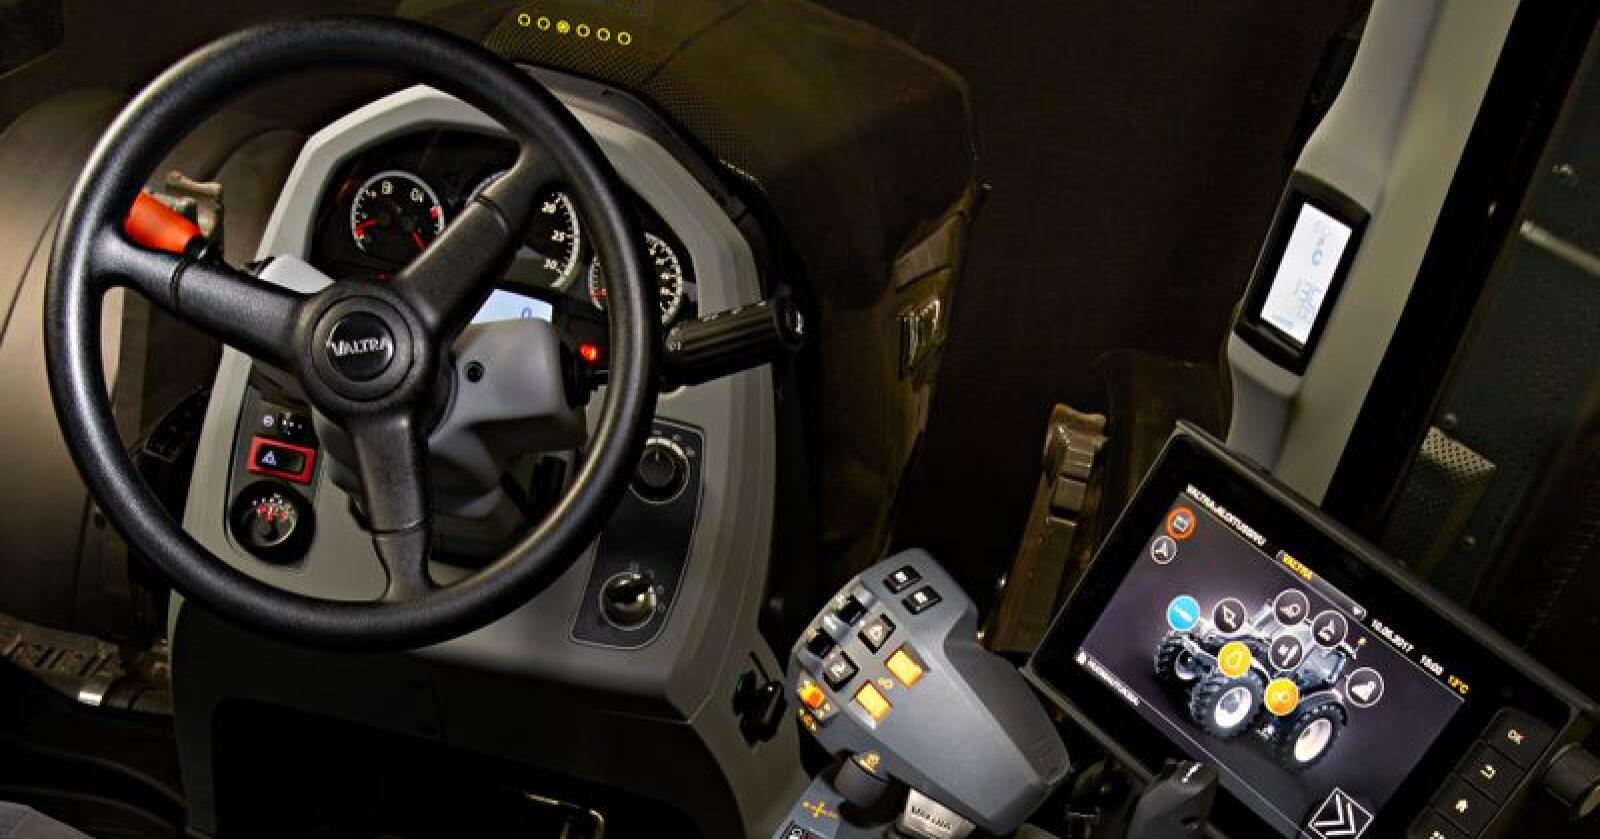 Systemet som Valtra kaller SmartGlass er et transparent display i frontruta på traktoren, som for eksempel kan vise turtall og annen viktig informasjon.